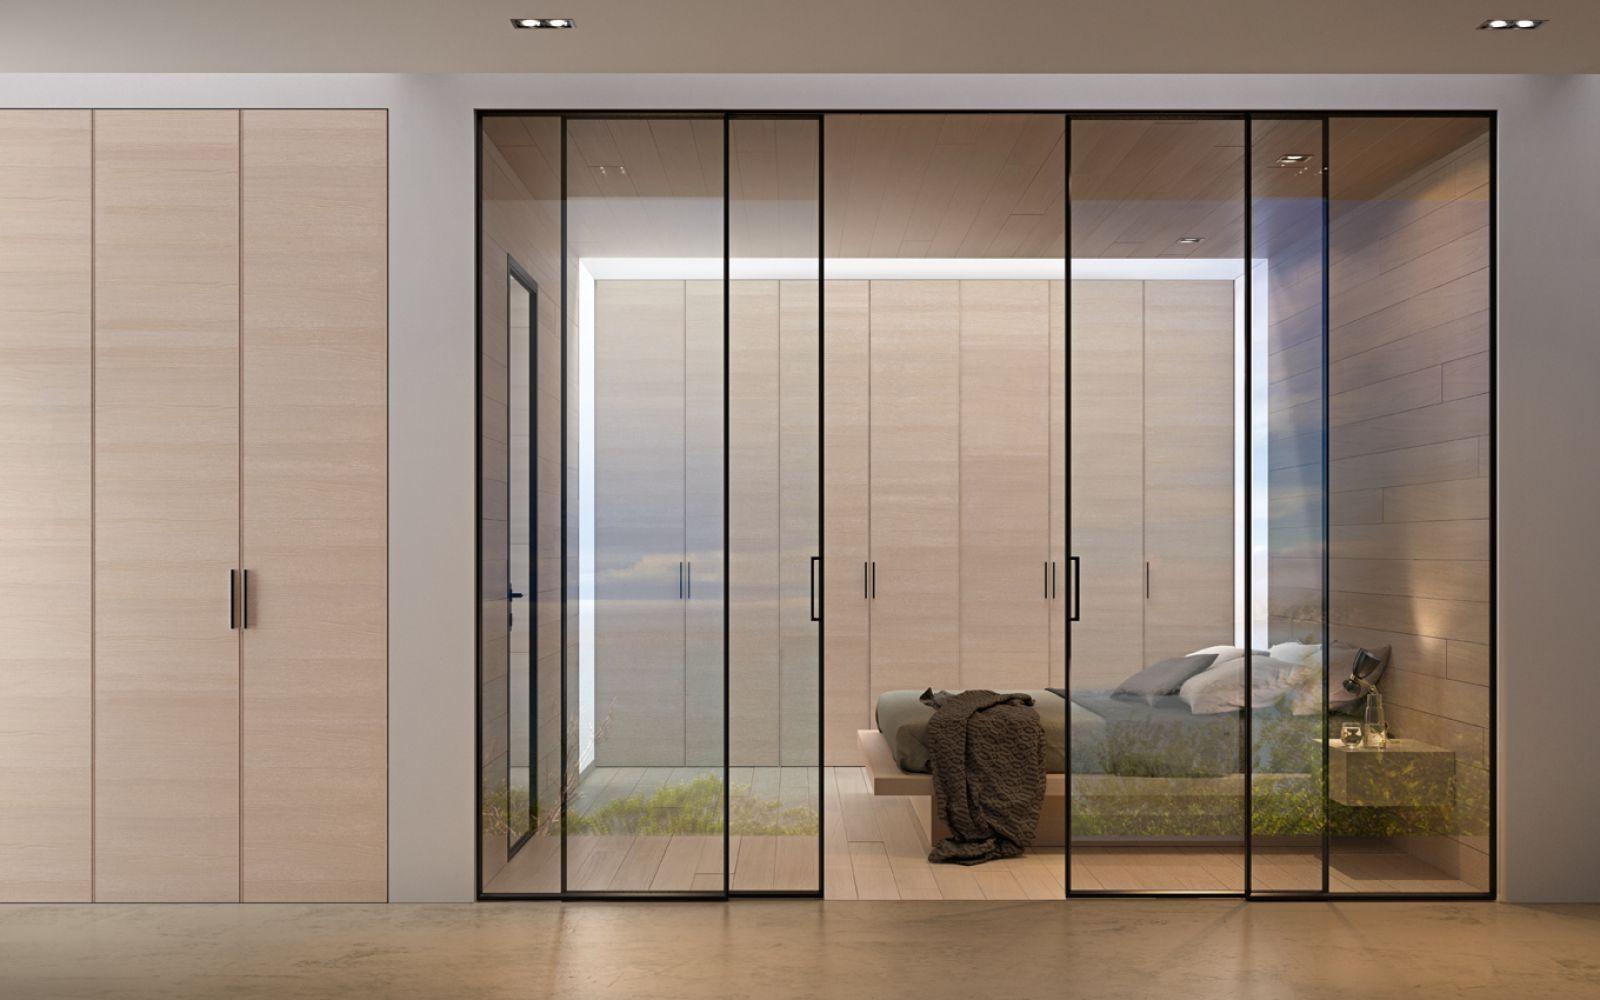 cloison coulissante sur mesure id es d coration id es d coration. Black Bedroom Furniture Sets. Home Design Ideas